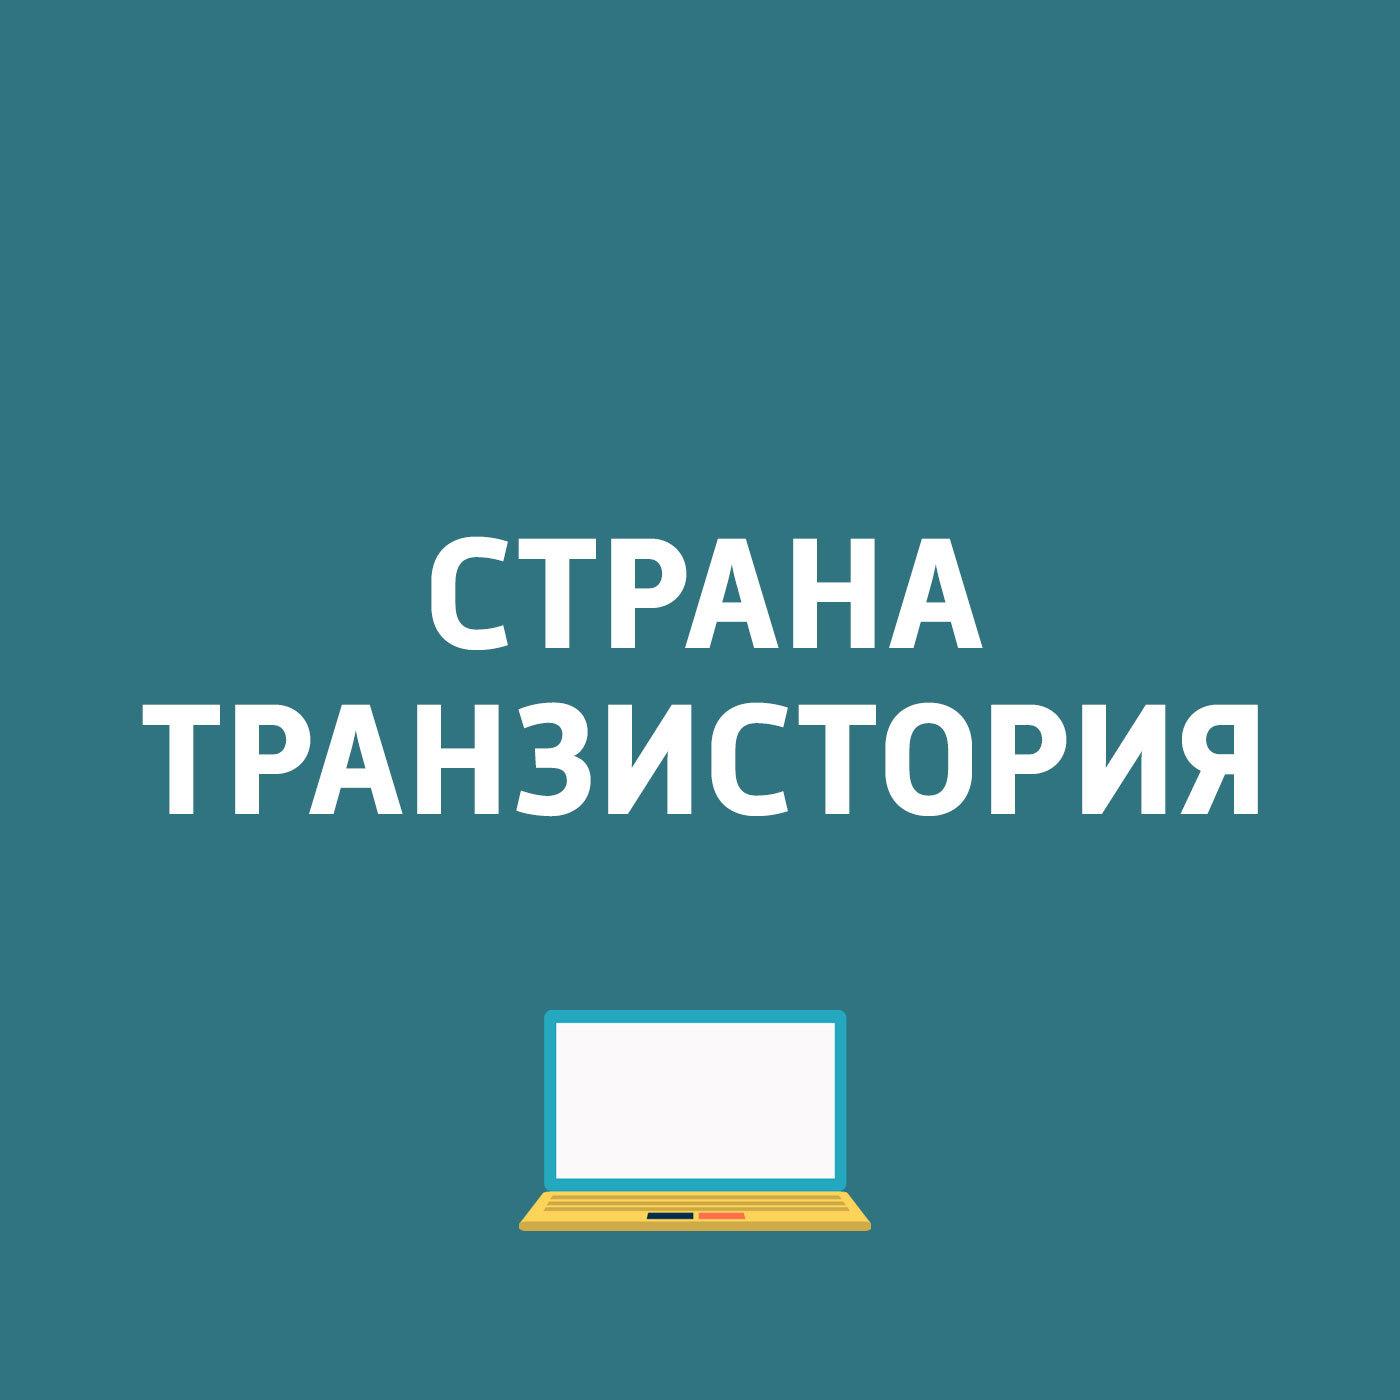 Картаев Павел iOS 11; Acer Predator Helios 300; JS/CoinMiner... картаев павел archos объявила о старте продаж планшета 70c neon в россии